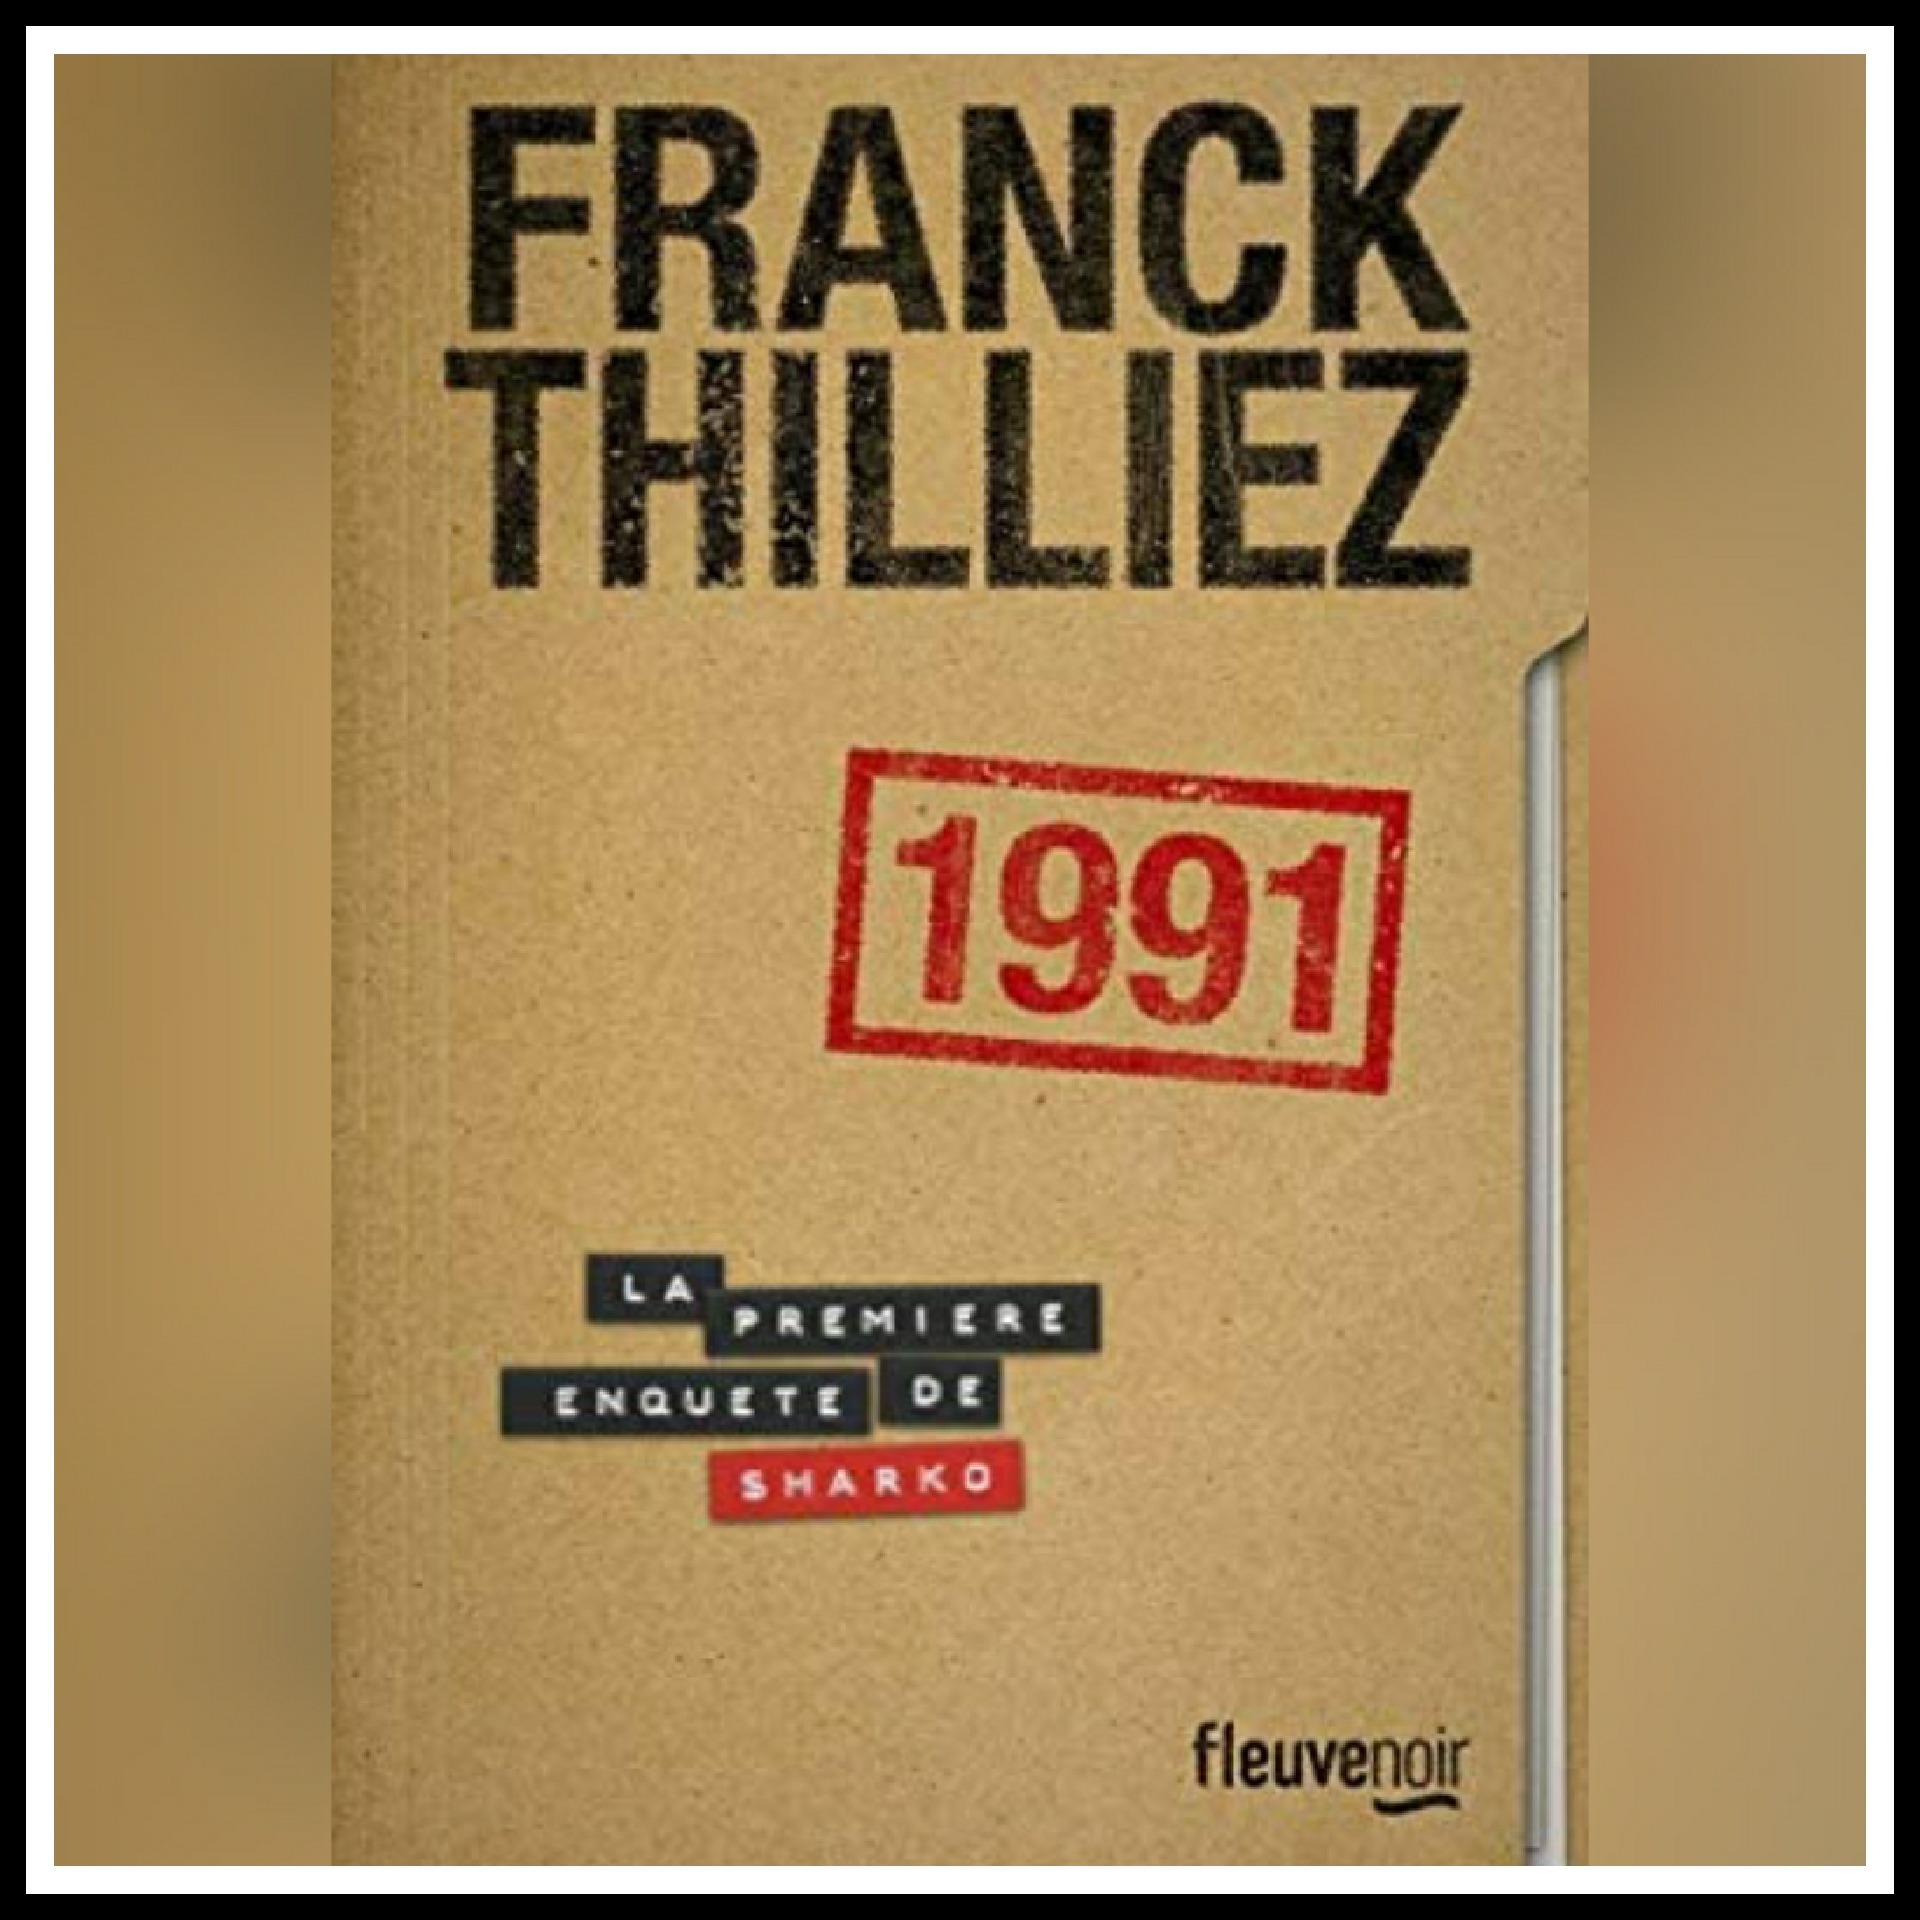 Chroniques 2021 \ 1991 de Franck Thilliez